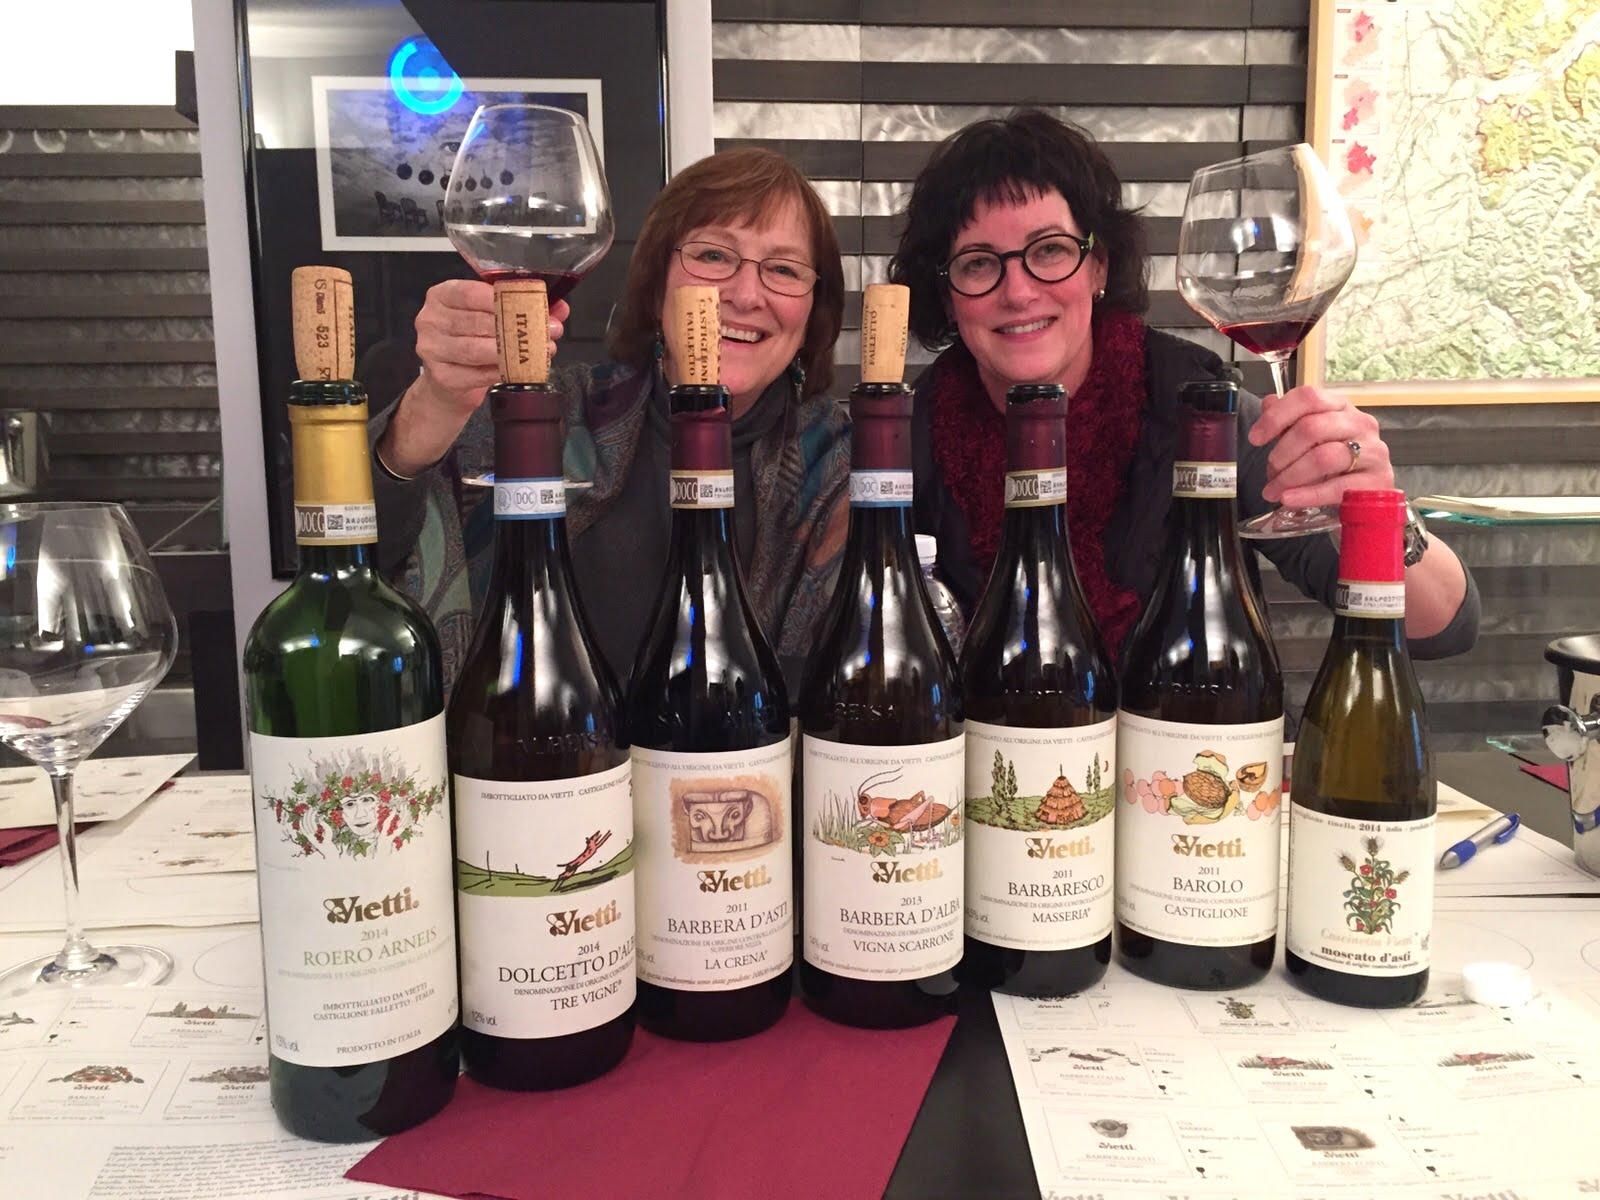 Dalia e Toni da Vietti.JPG